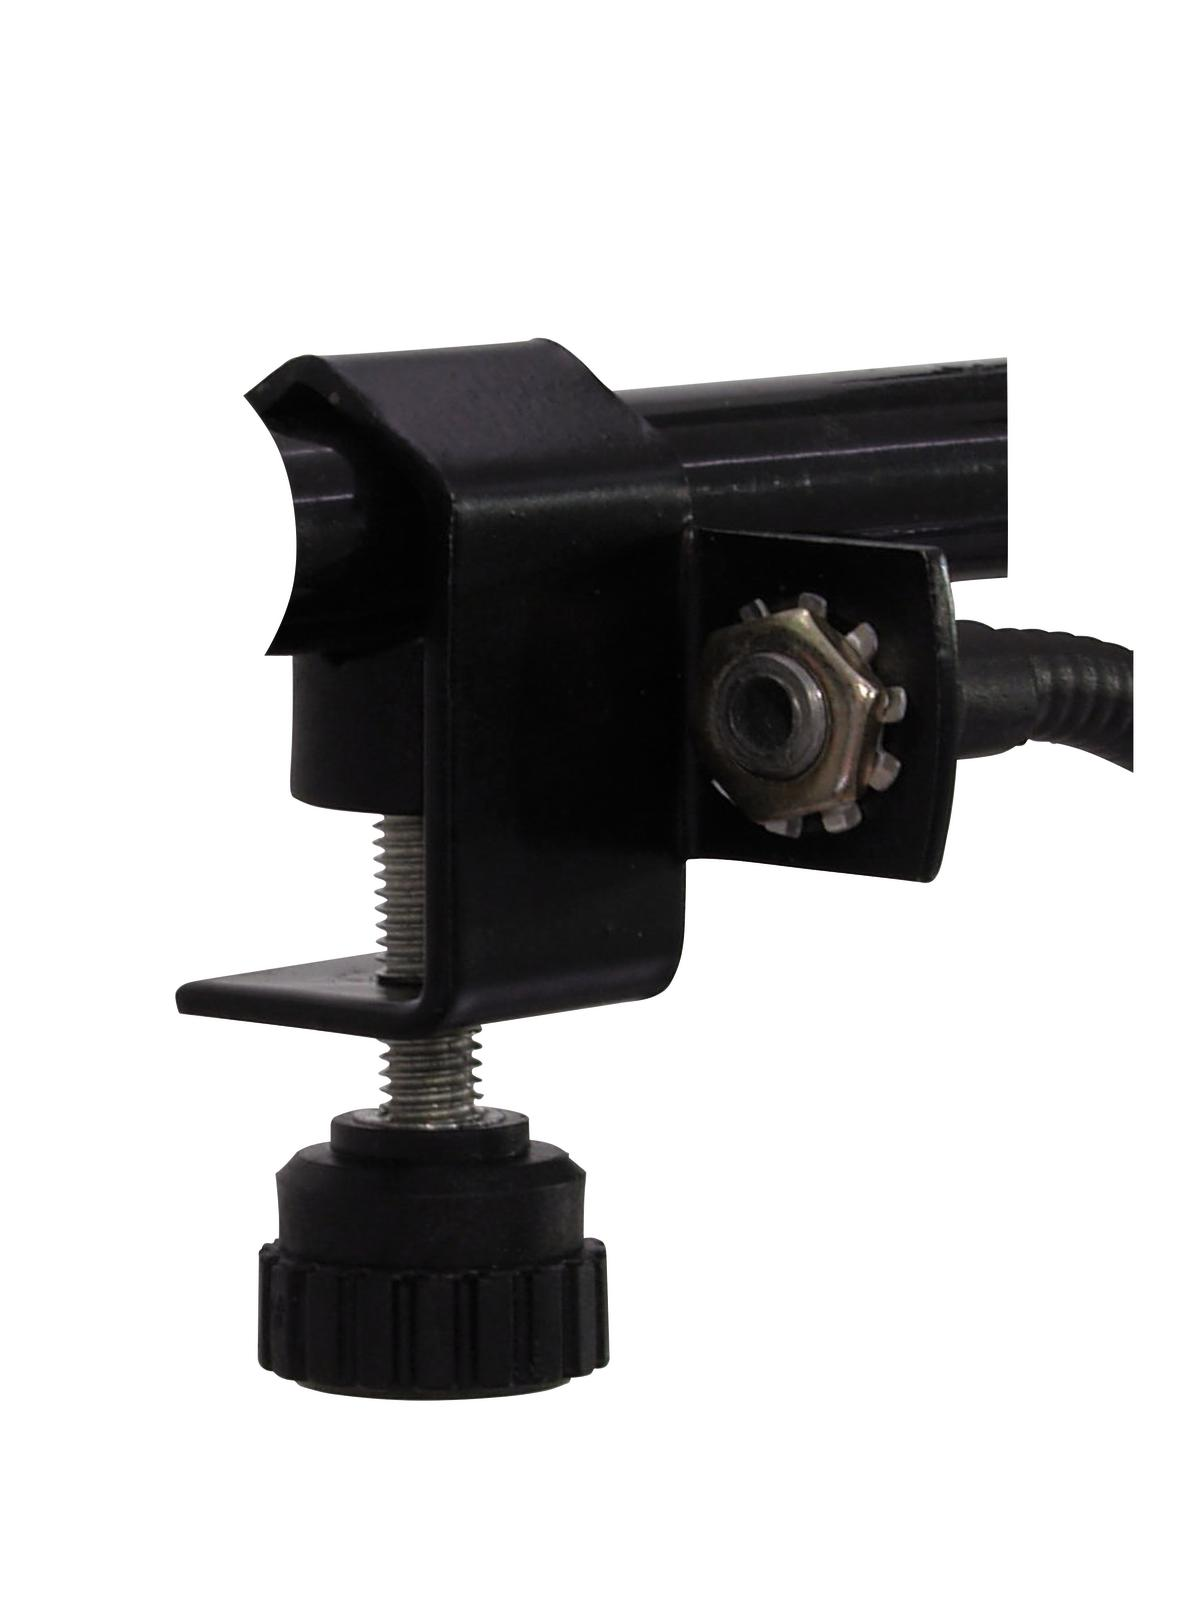 OMNITRONIC Microfono pop filtro in metallo, nero